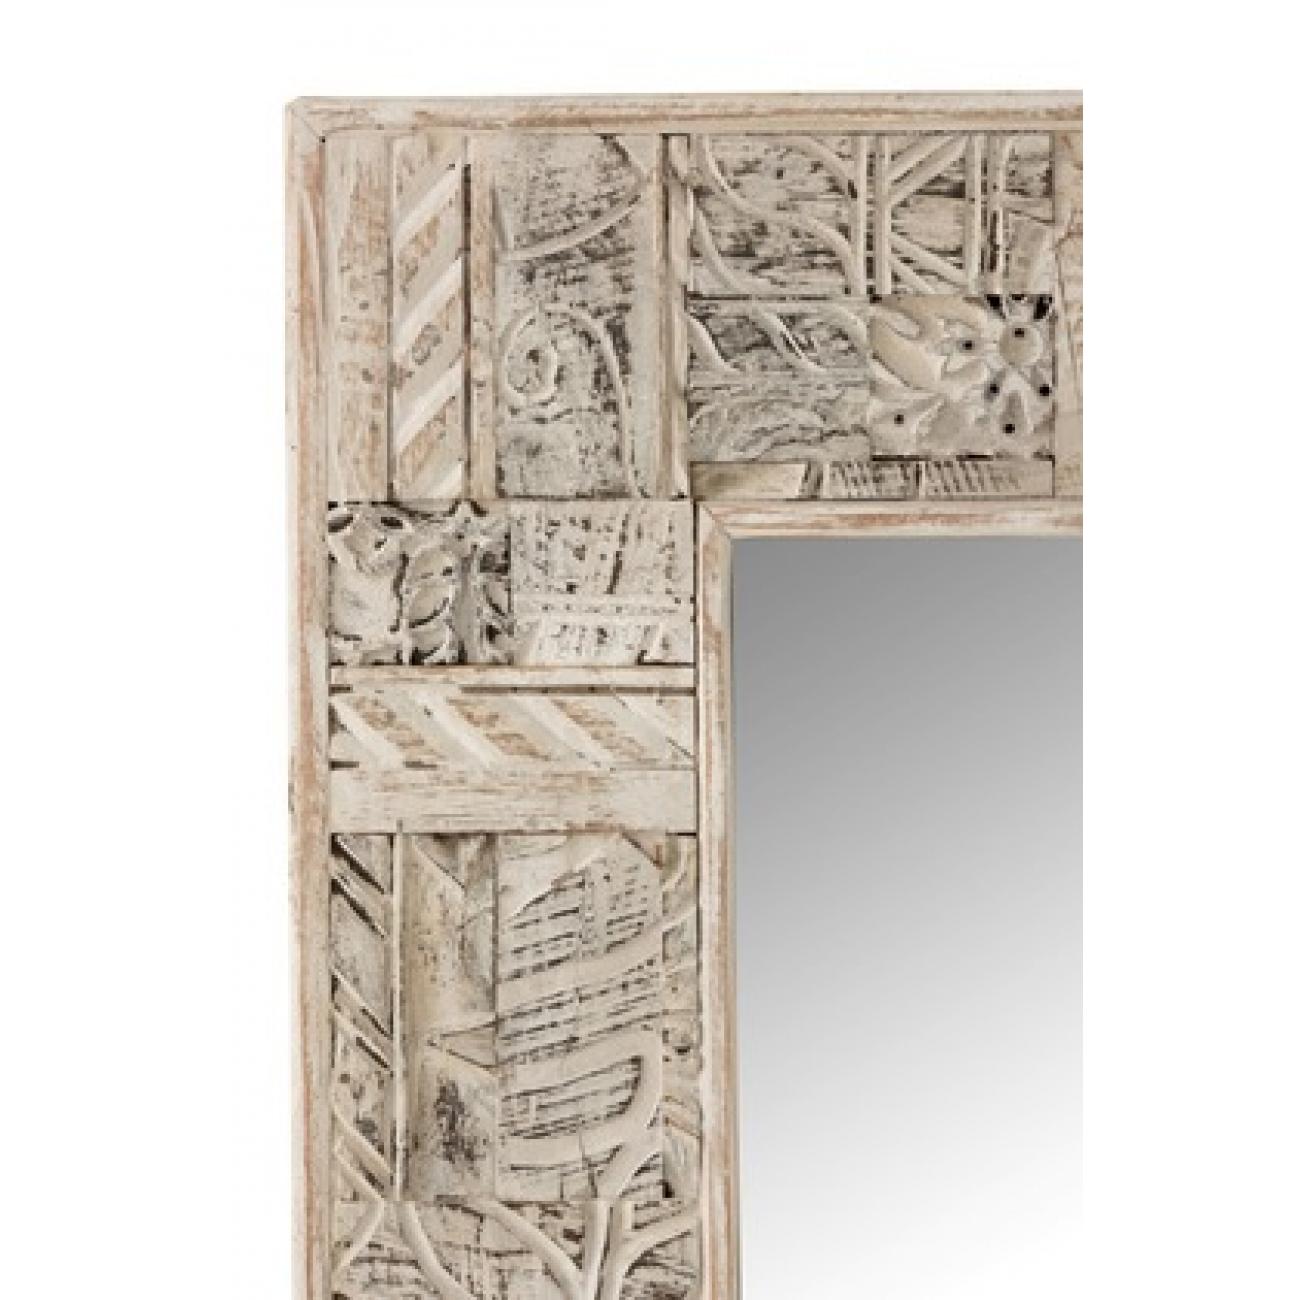 Прямоугольное настенное зеркало J-LINE в раме из натурального дерева с декоративными резными элементами 150х90 см Бельгия